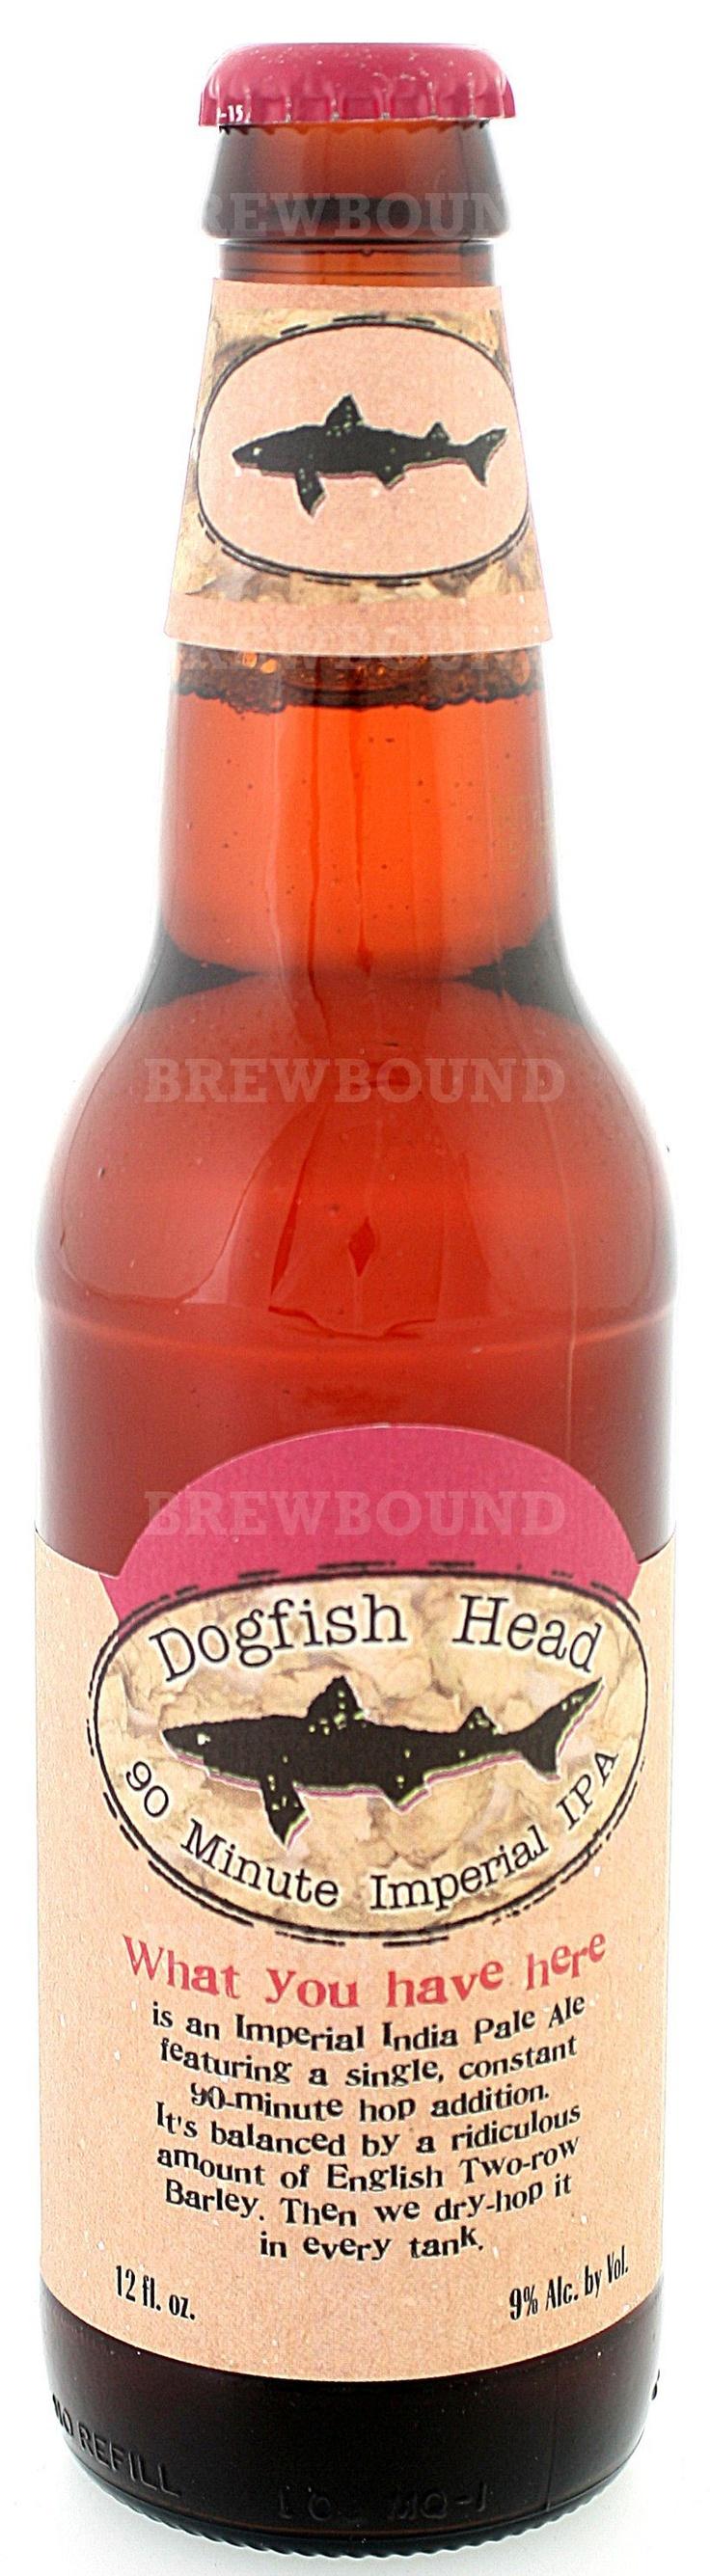 Dogfish Head 90 Minute IPA. #Beer